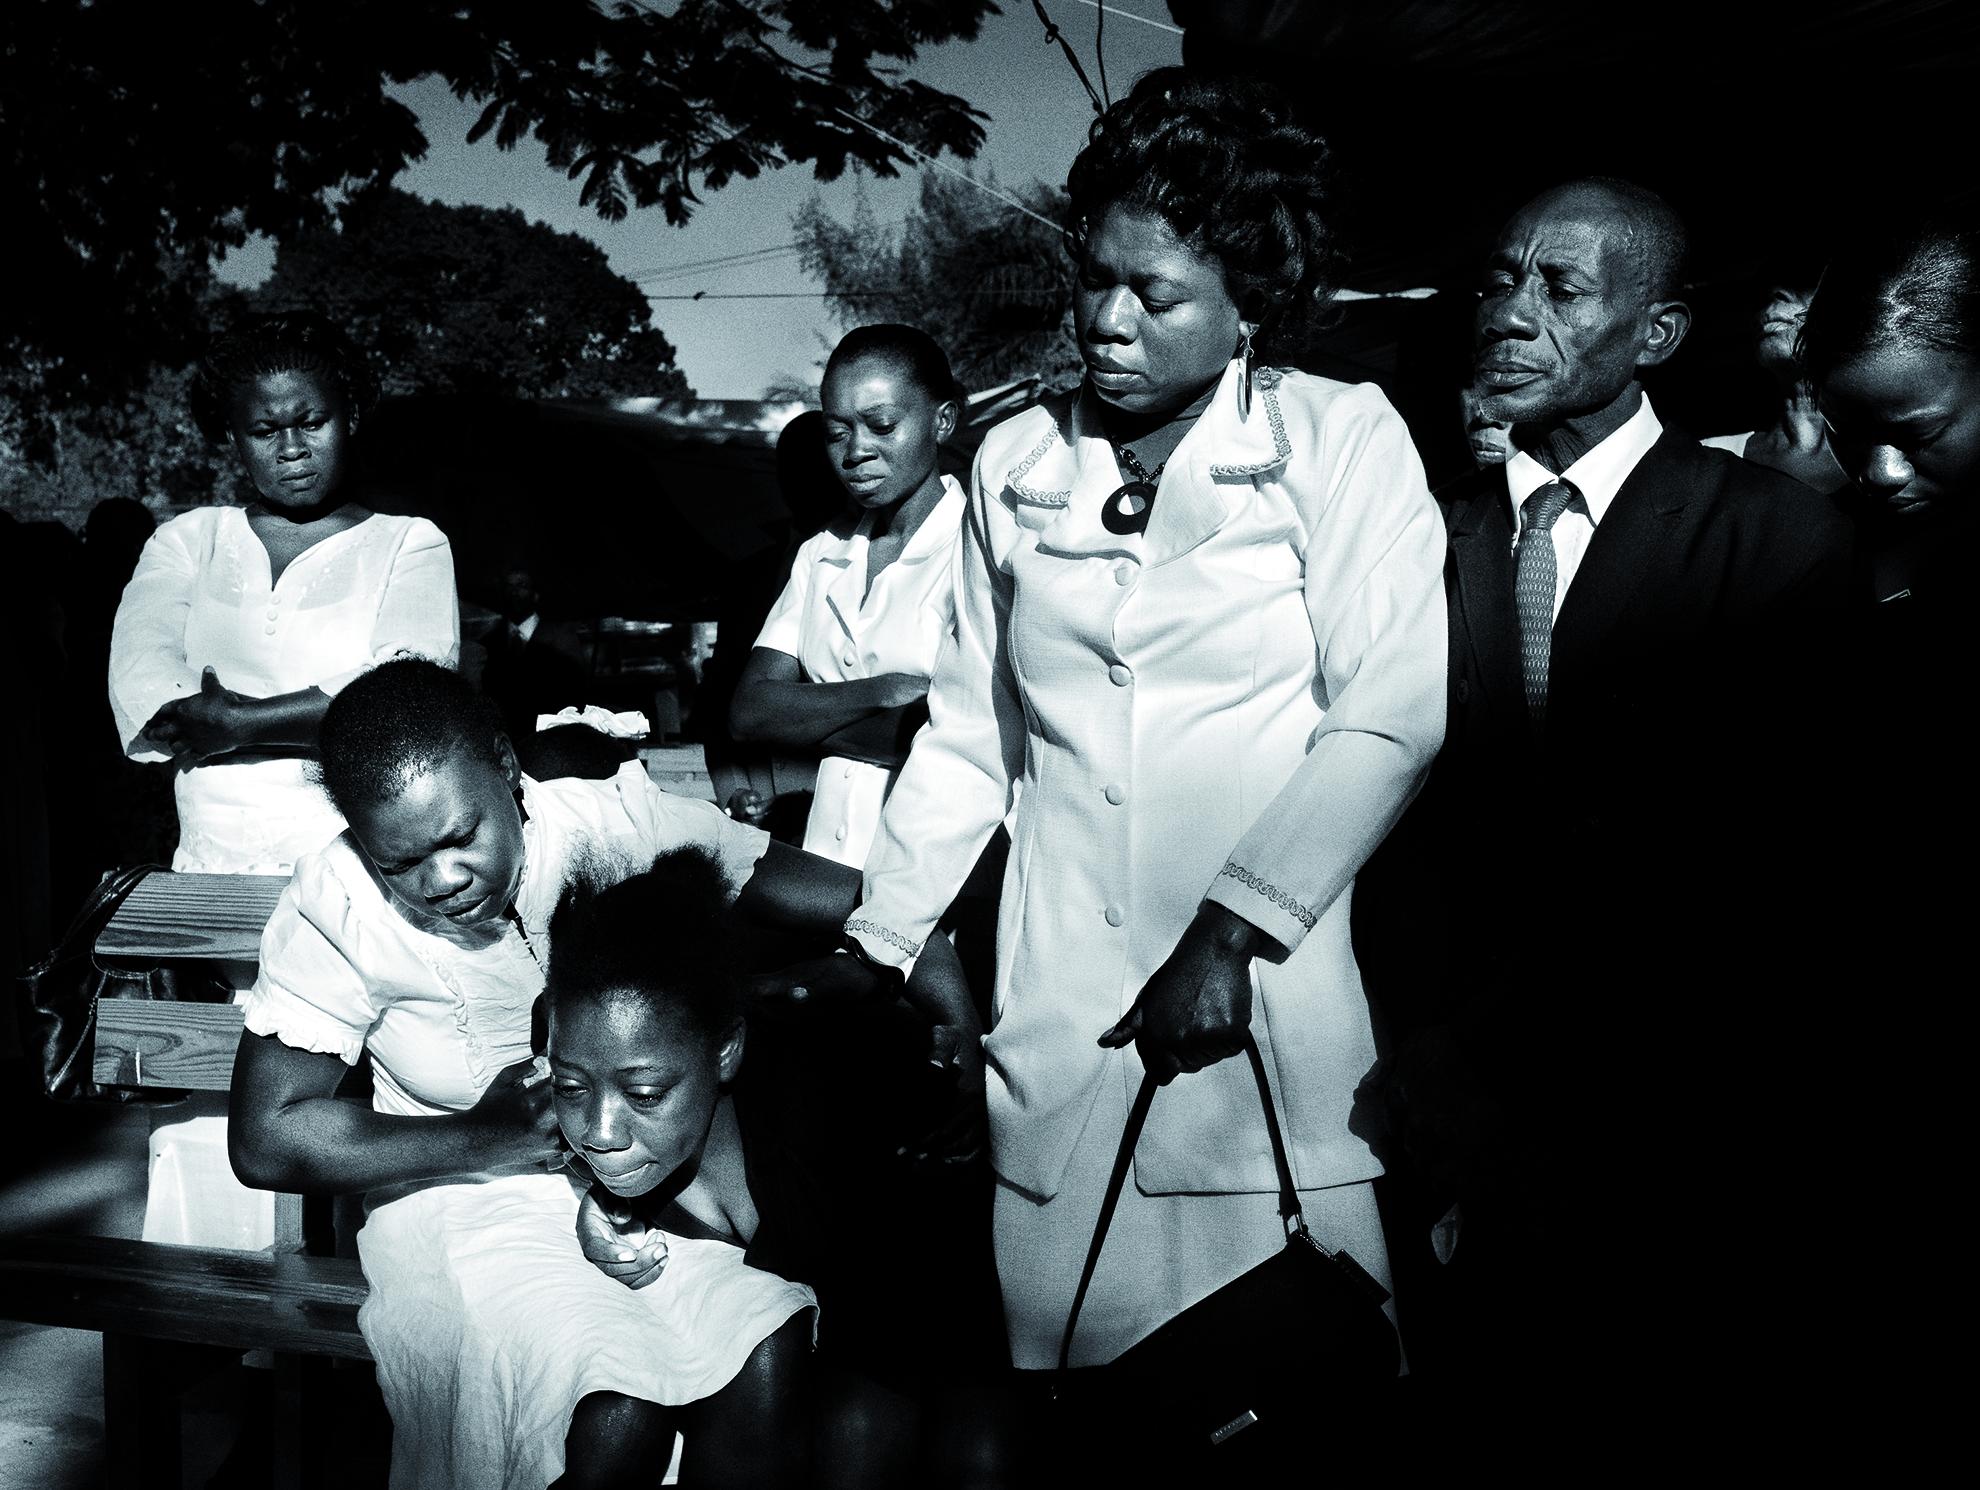 Haití, Puerto Príncipe. Enero de 2010. Funeral por una mujer, muerta de un ataque al corazón al conocer la muerte de su hijo.